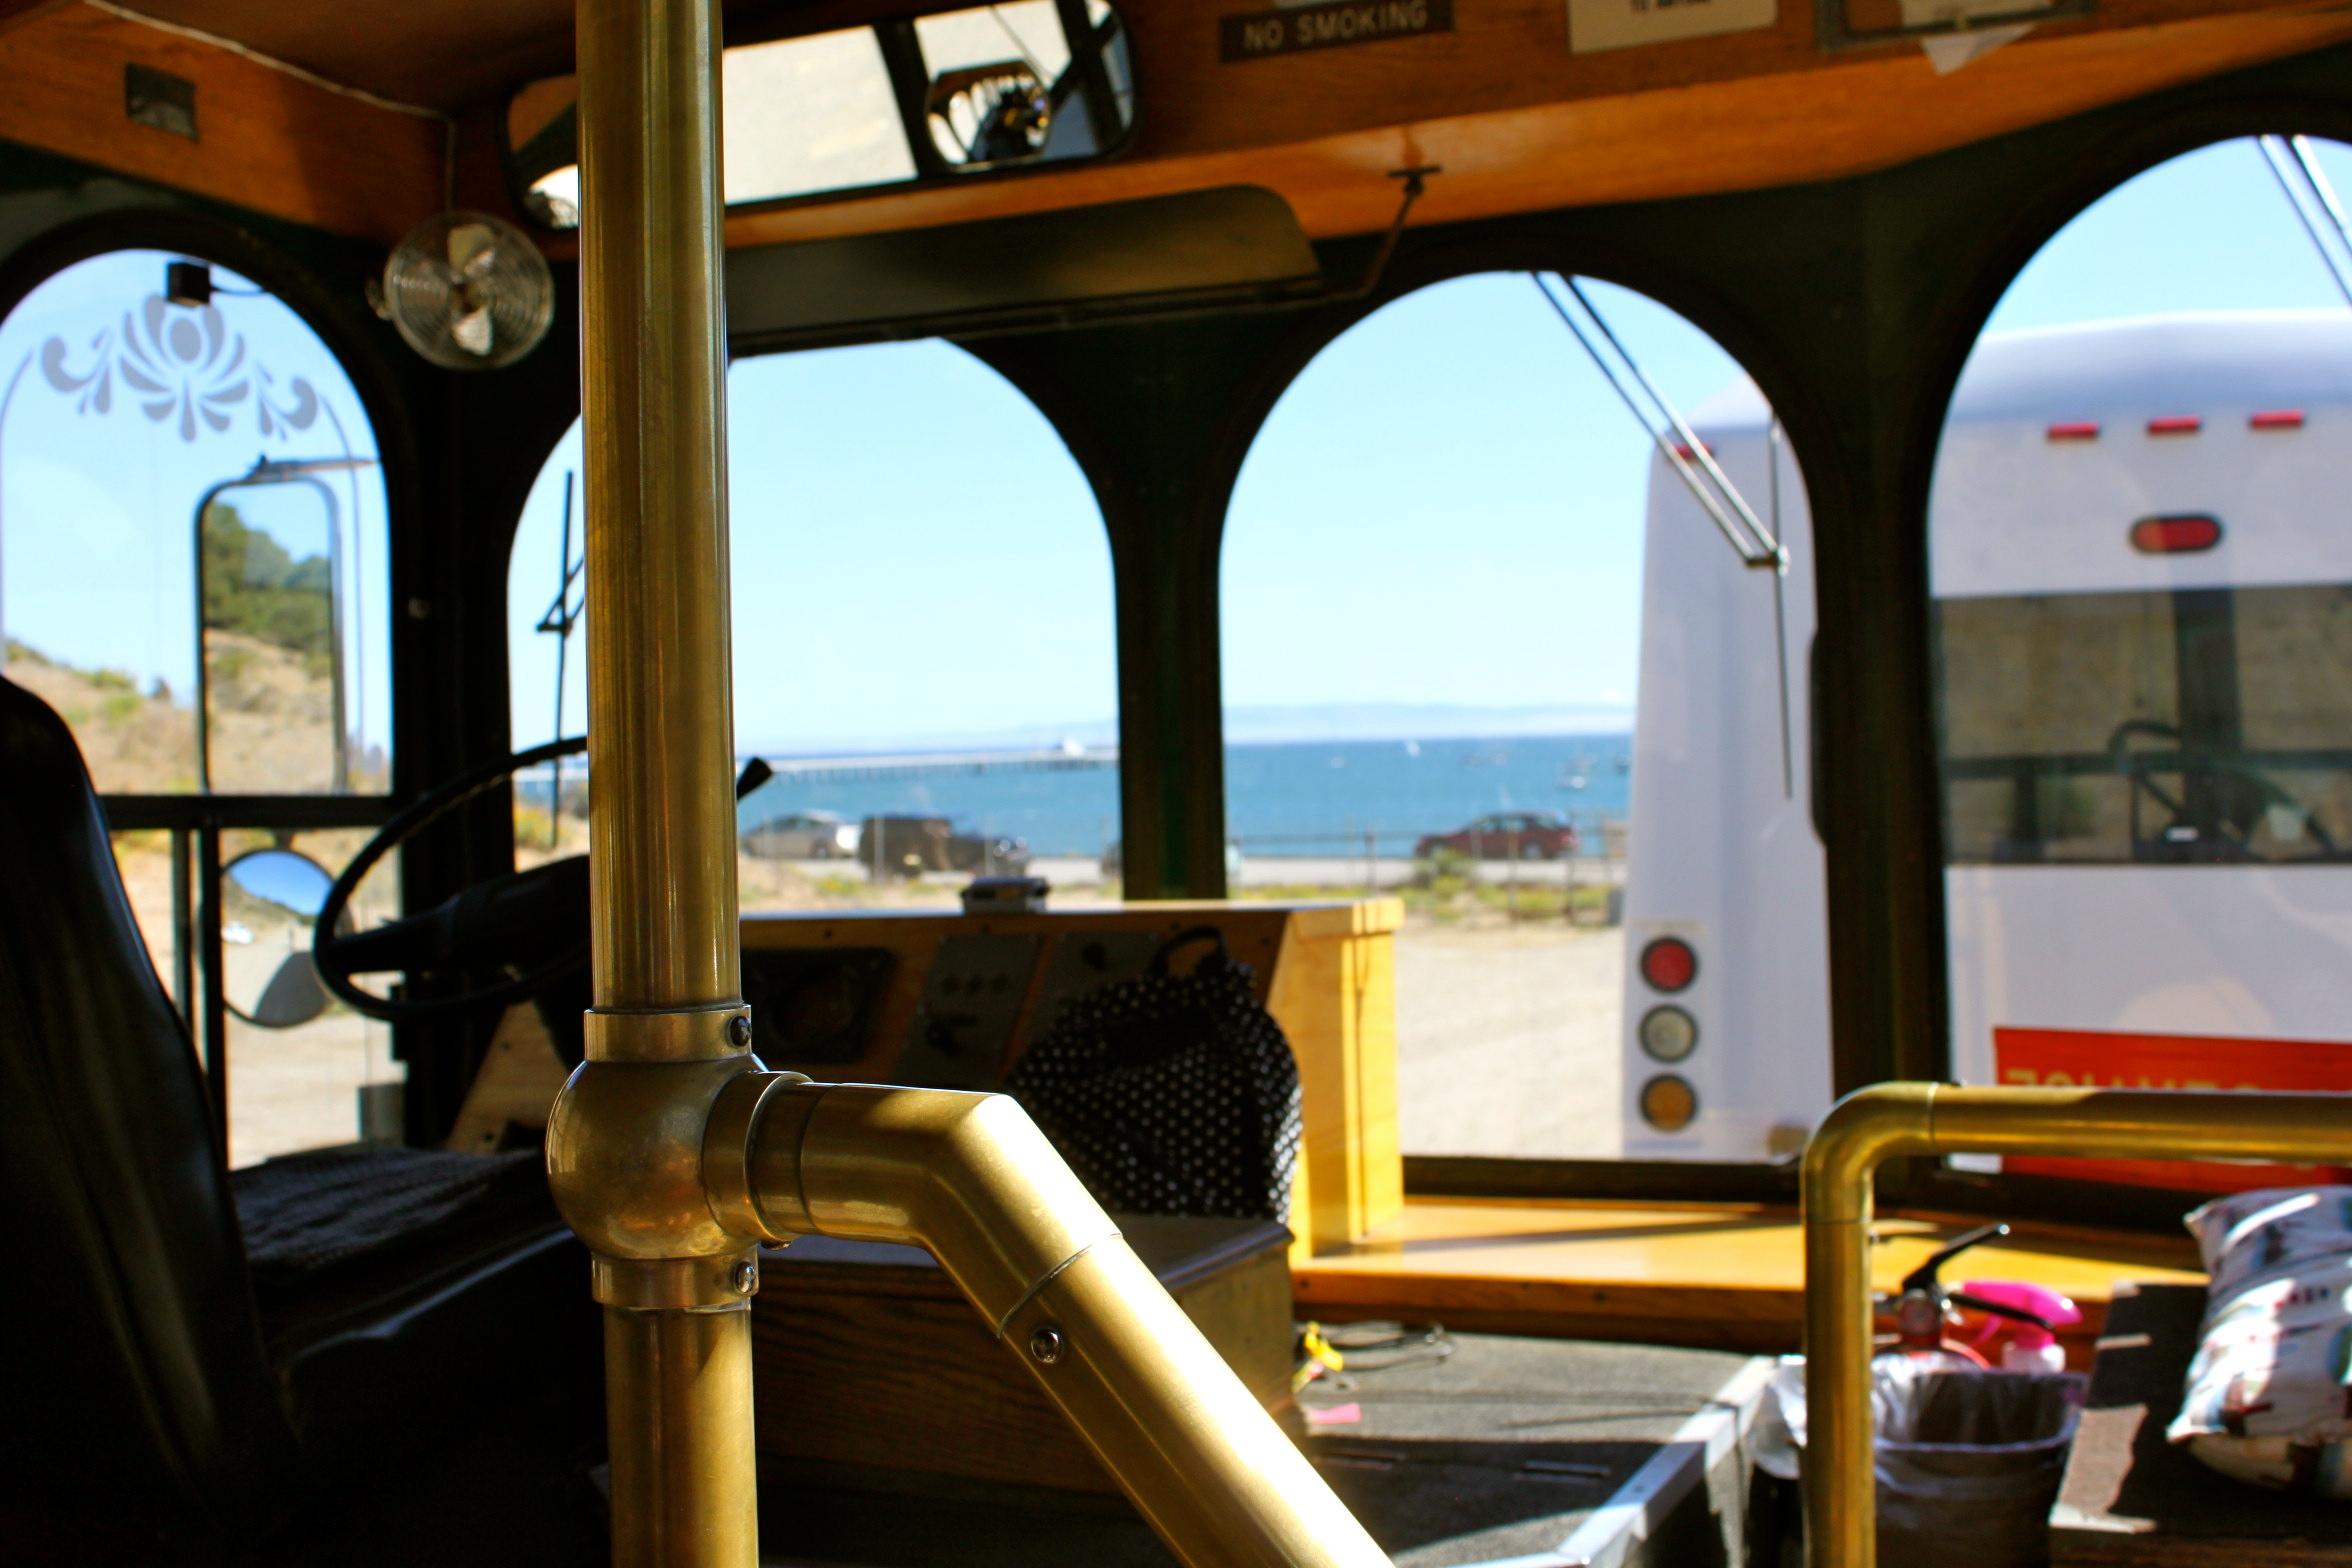 port san luis lighthouse trolley avila beach california